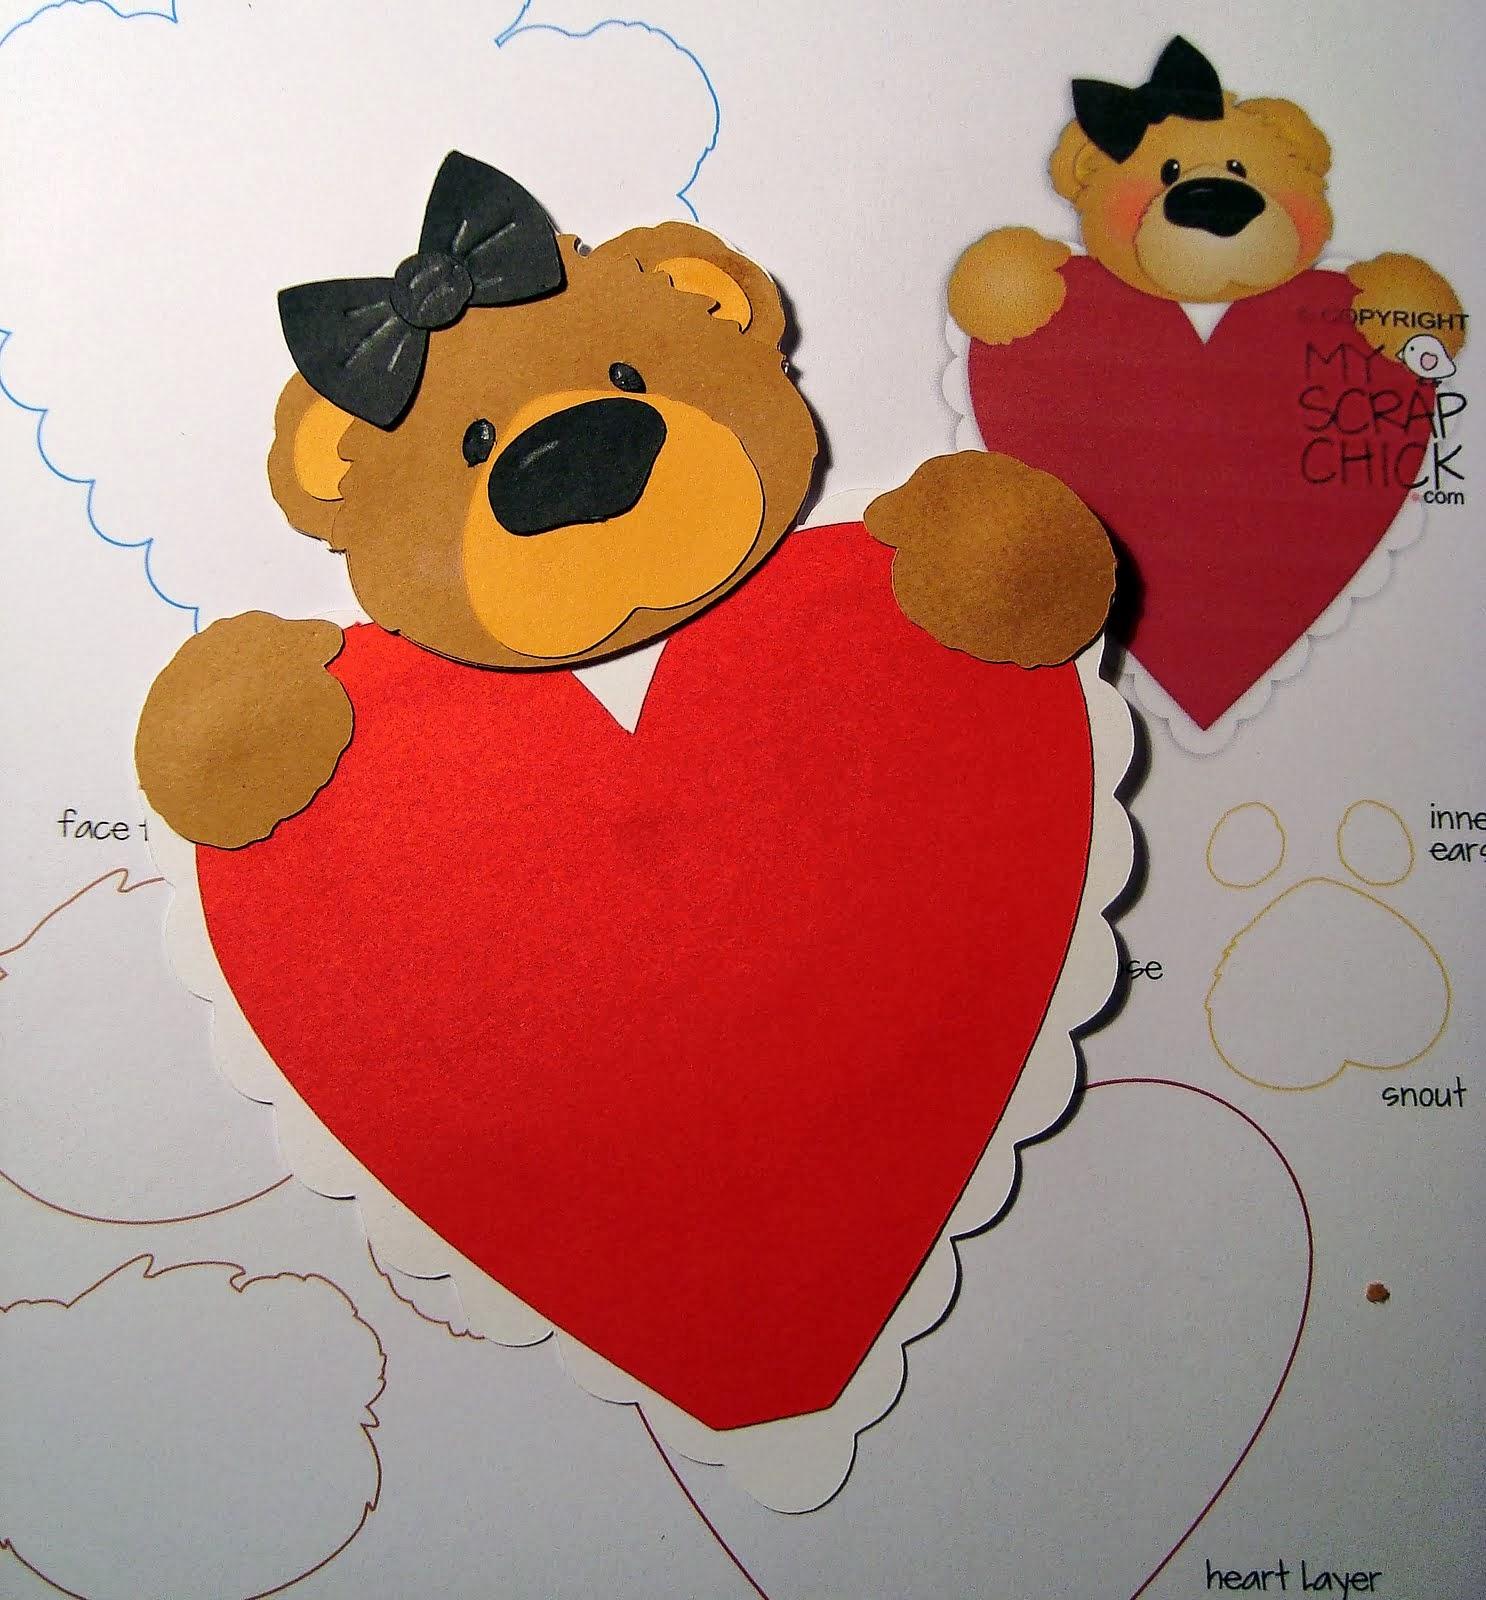 Todo ministerio infantil dia de la amistad - Manualidades para hacer en san valentin ...